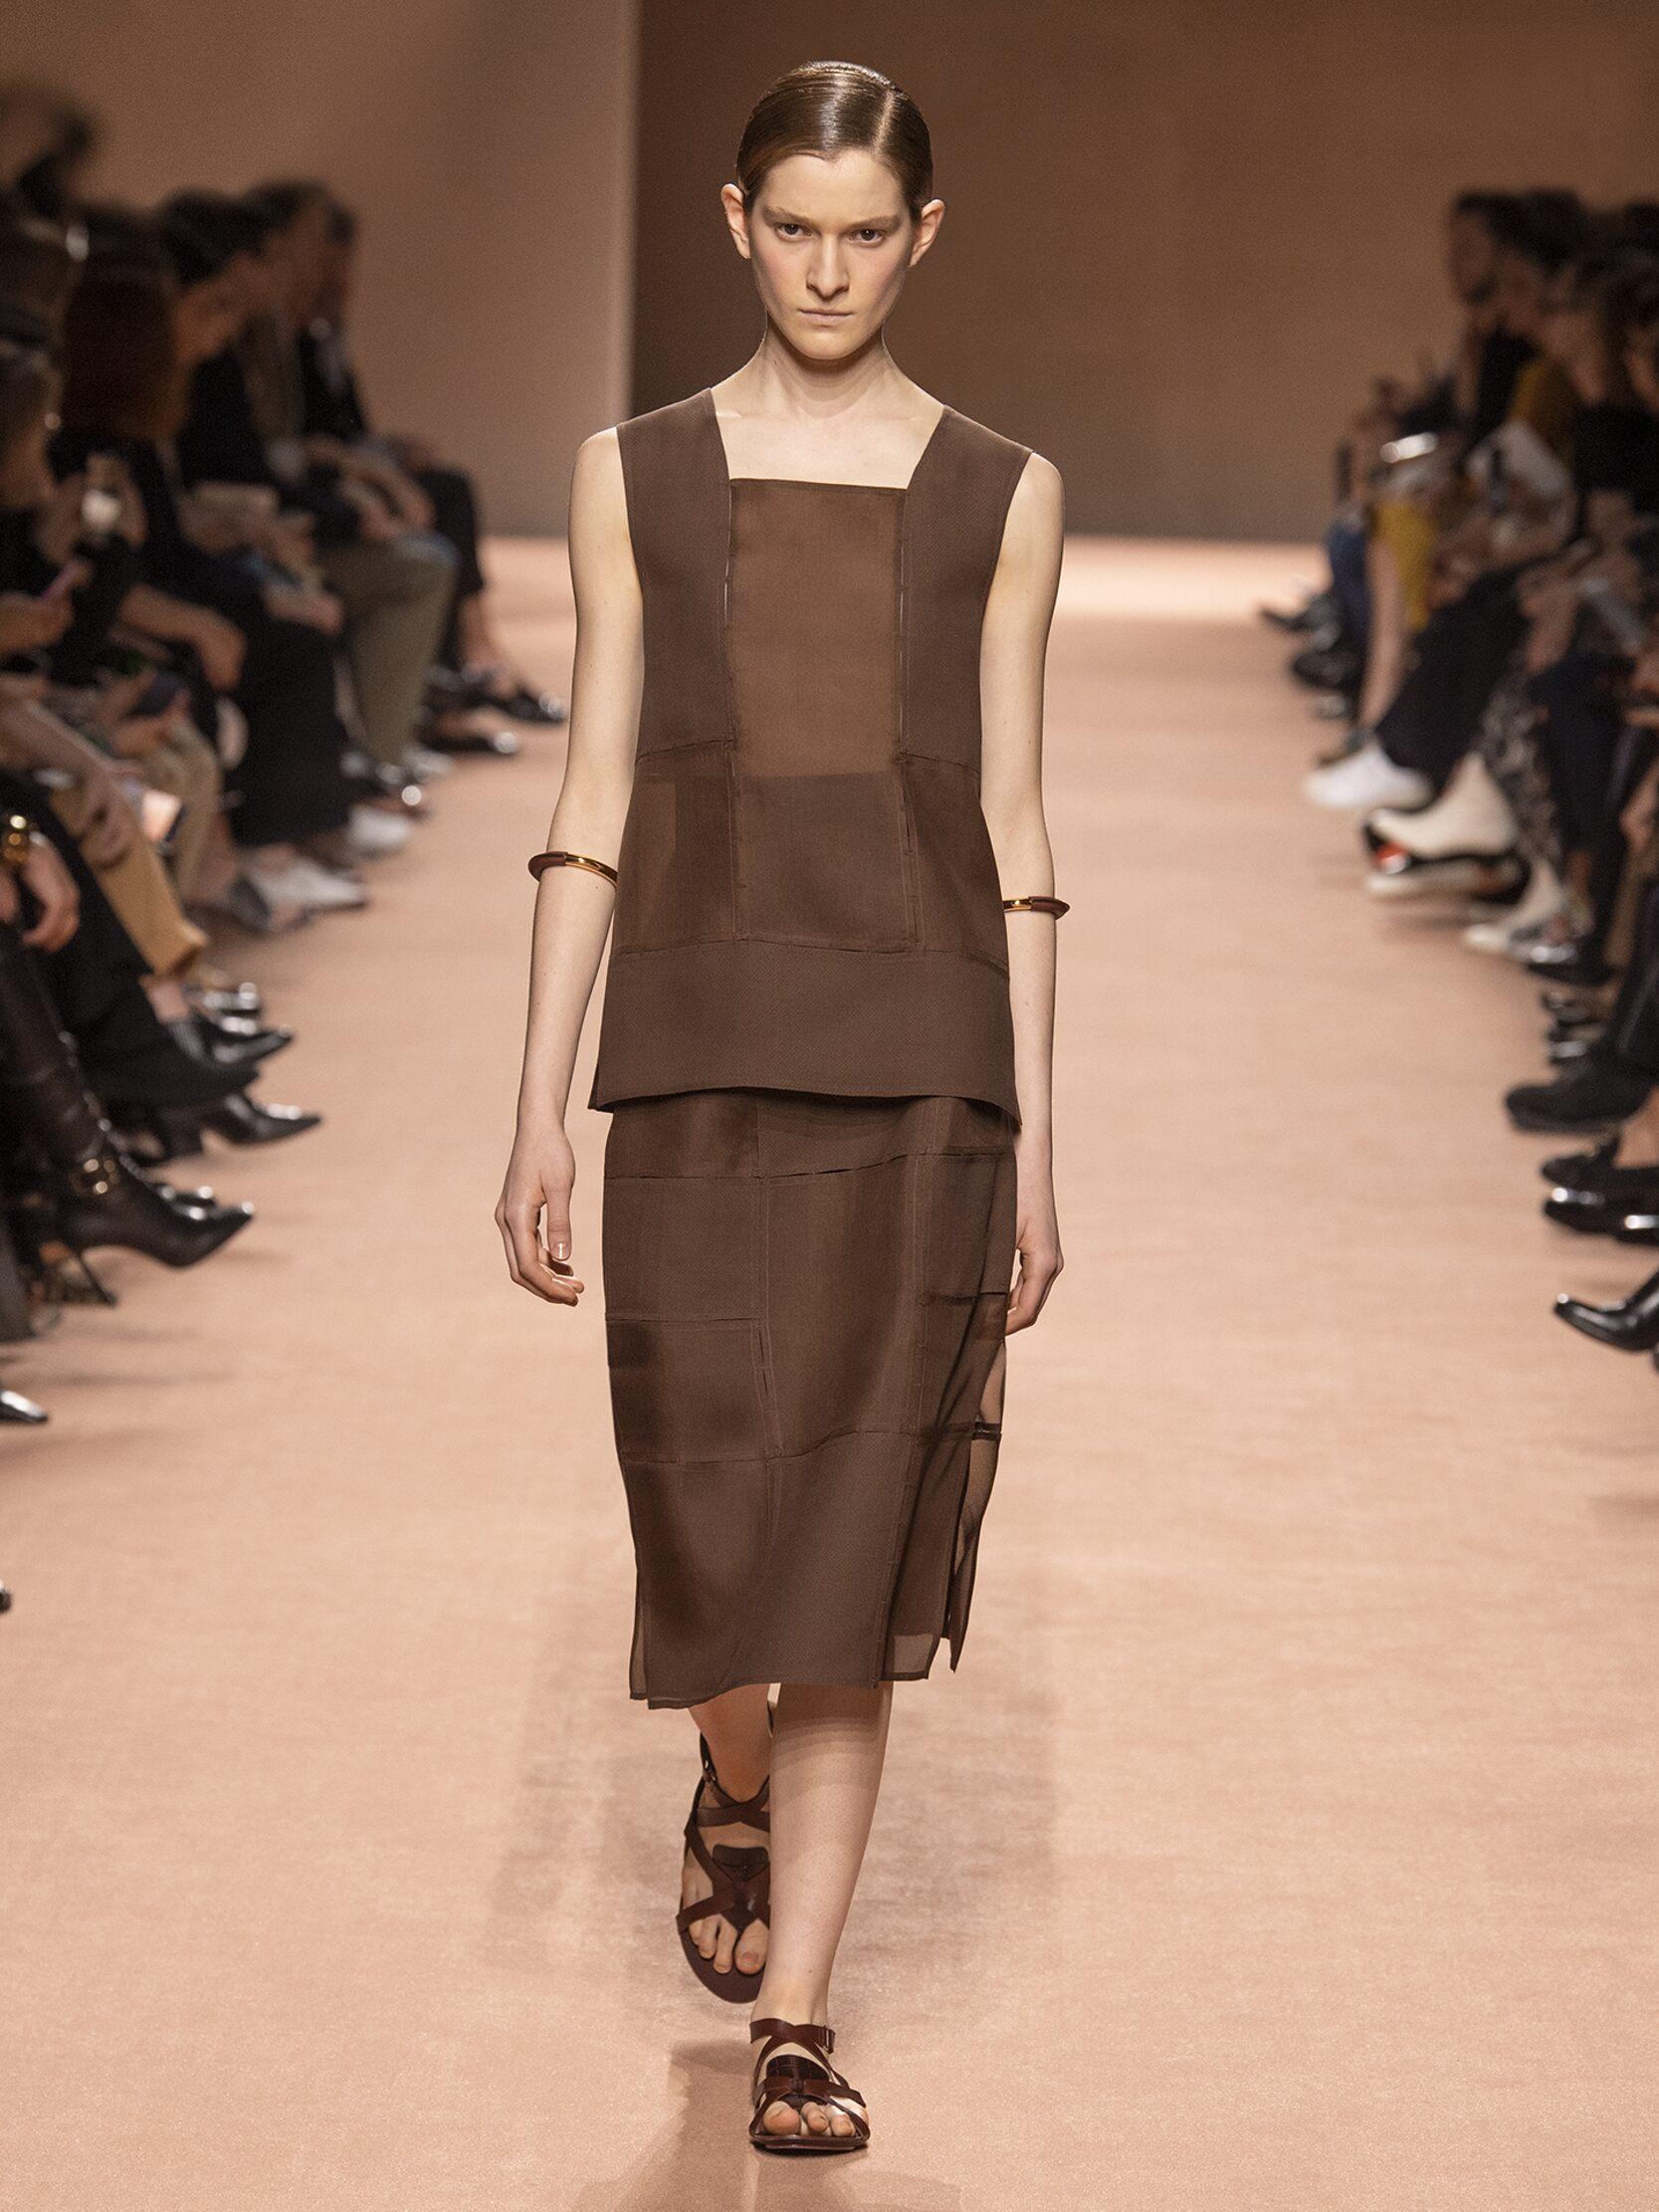 Woman SS 2020 Hermès Show Paris Fashion Week